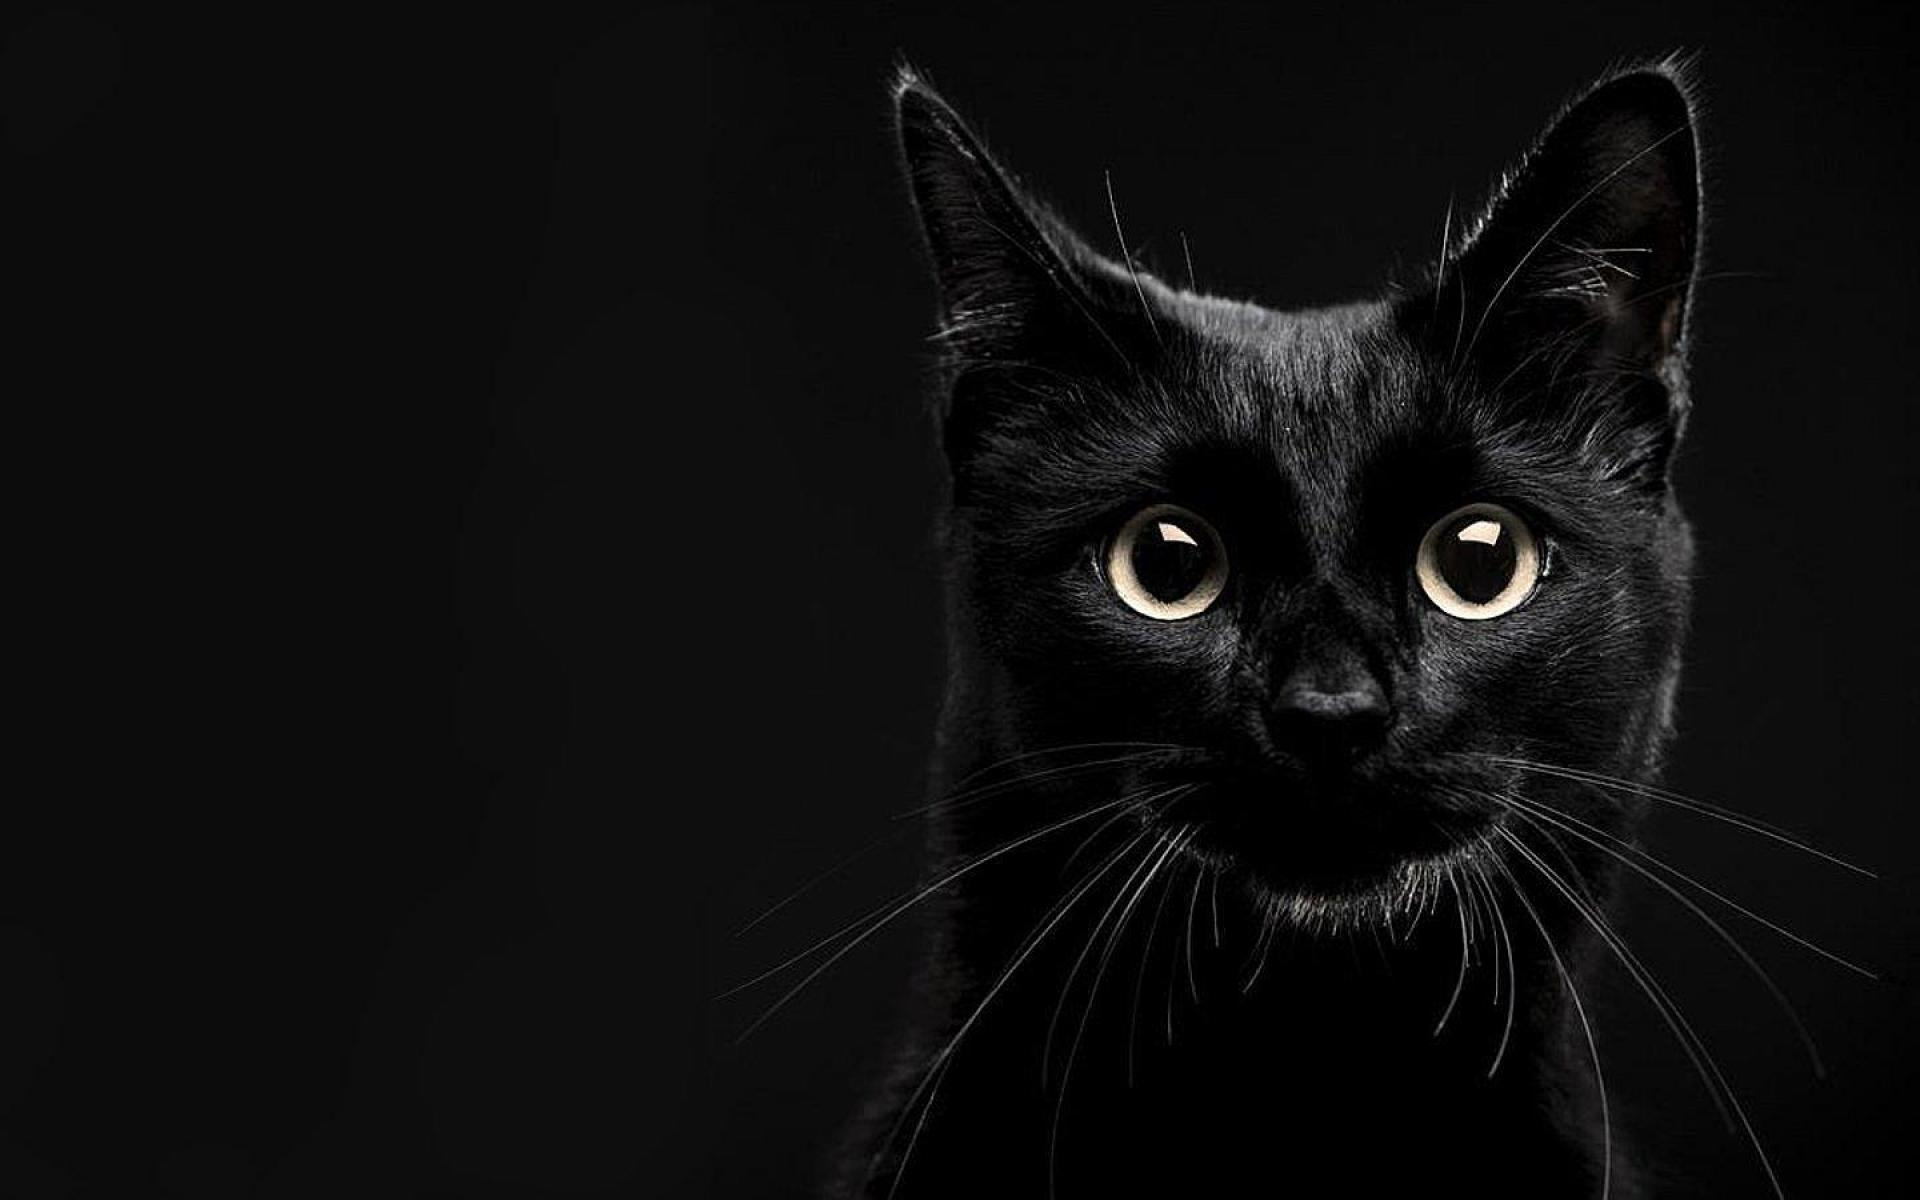 черные кошки картинки на обоях